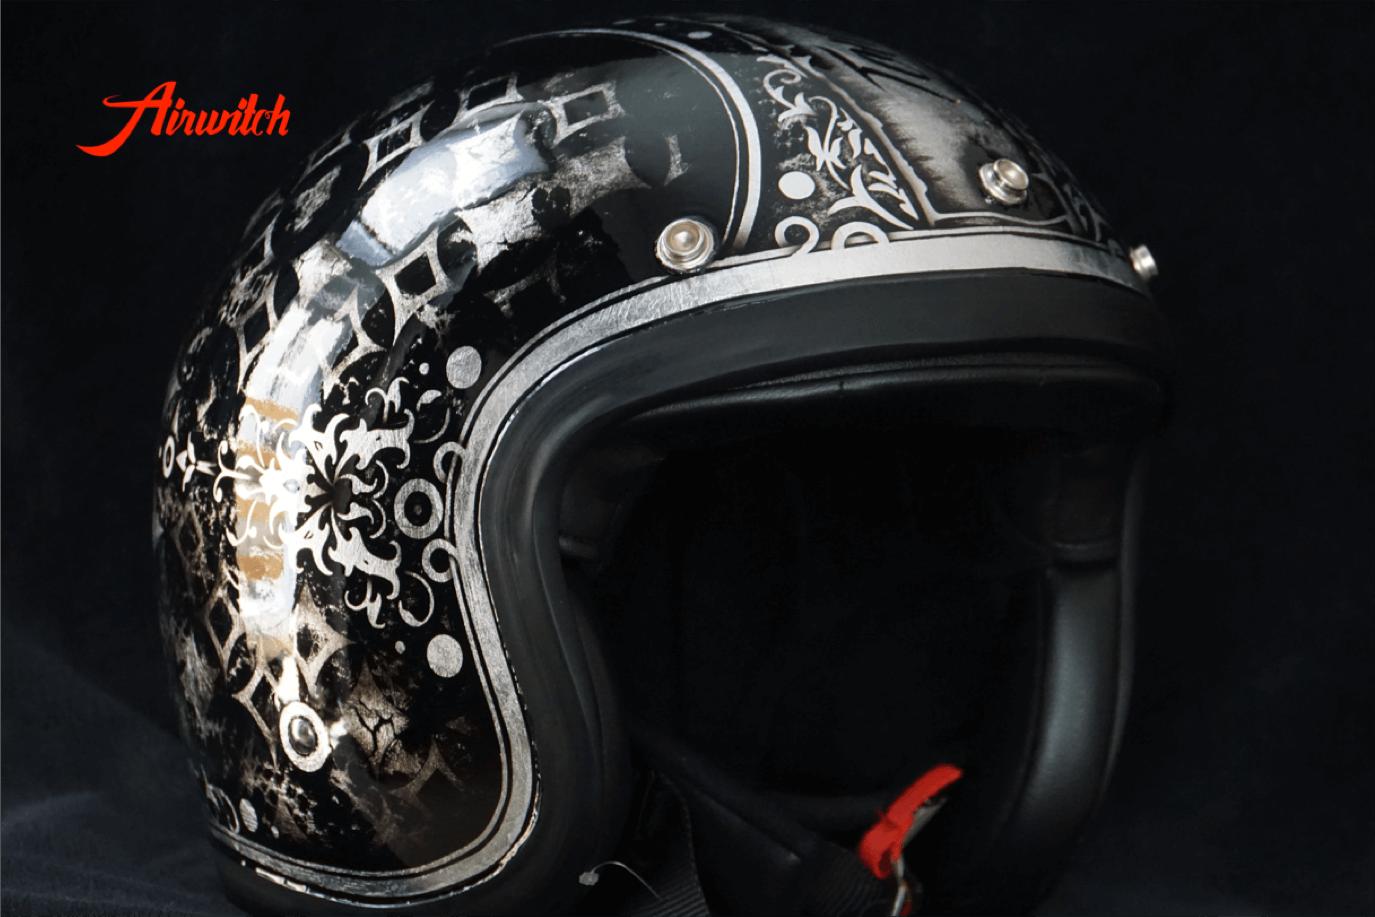 Helm mit Schriftrolle im Vintage Used Look mit Blattsilber und Ornamenten